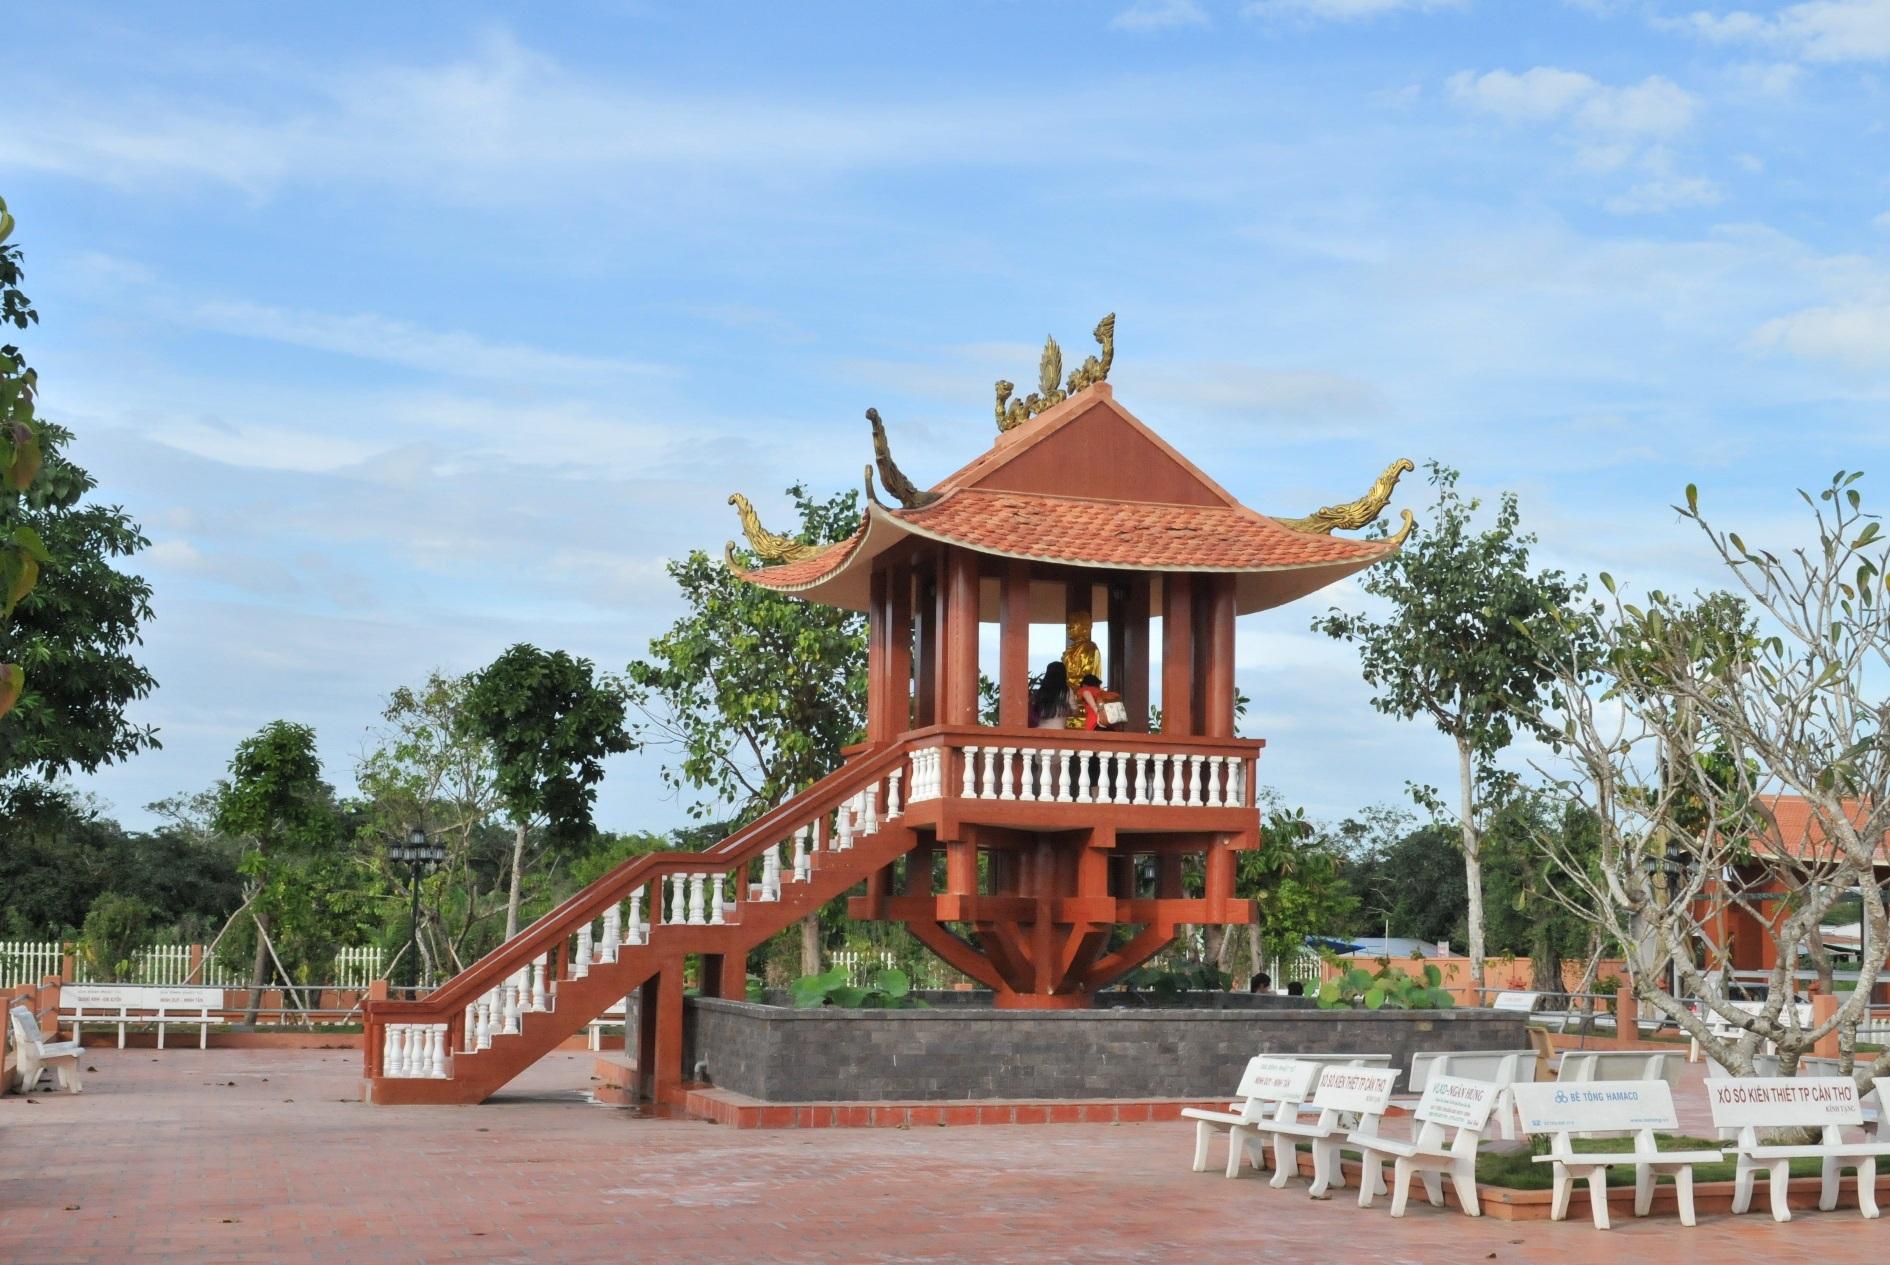 Mô hình Chùa Một Cột cũng được tái dựng trong khuôn viên Thiền Viện Trúc Lâm Phương Nam